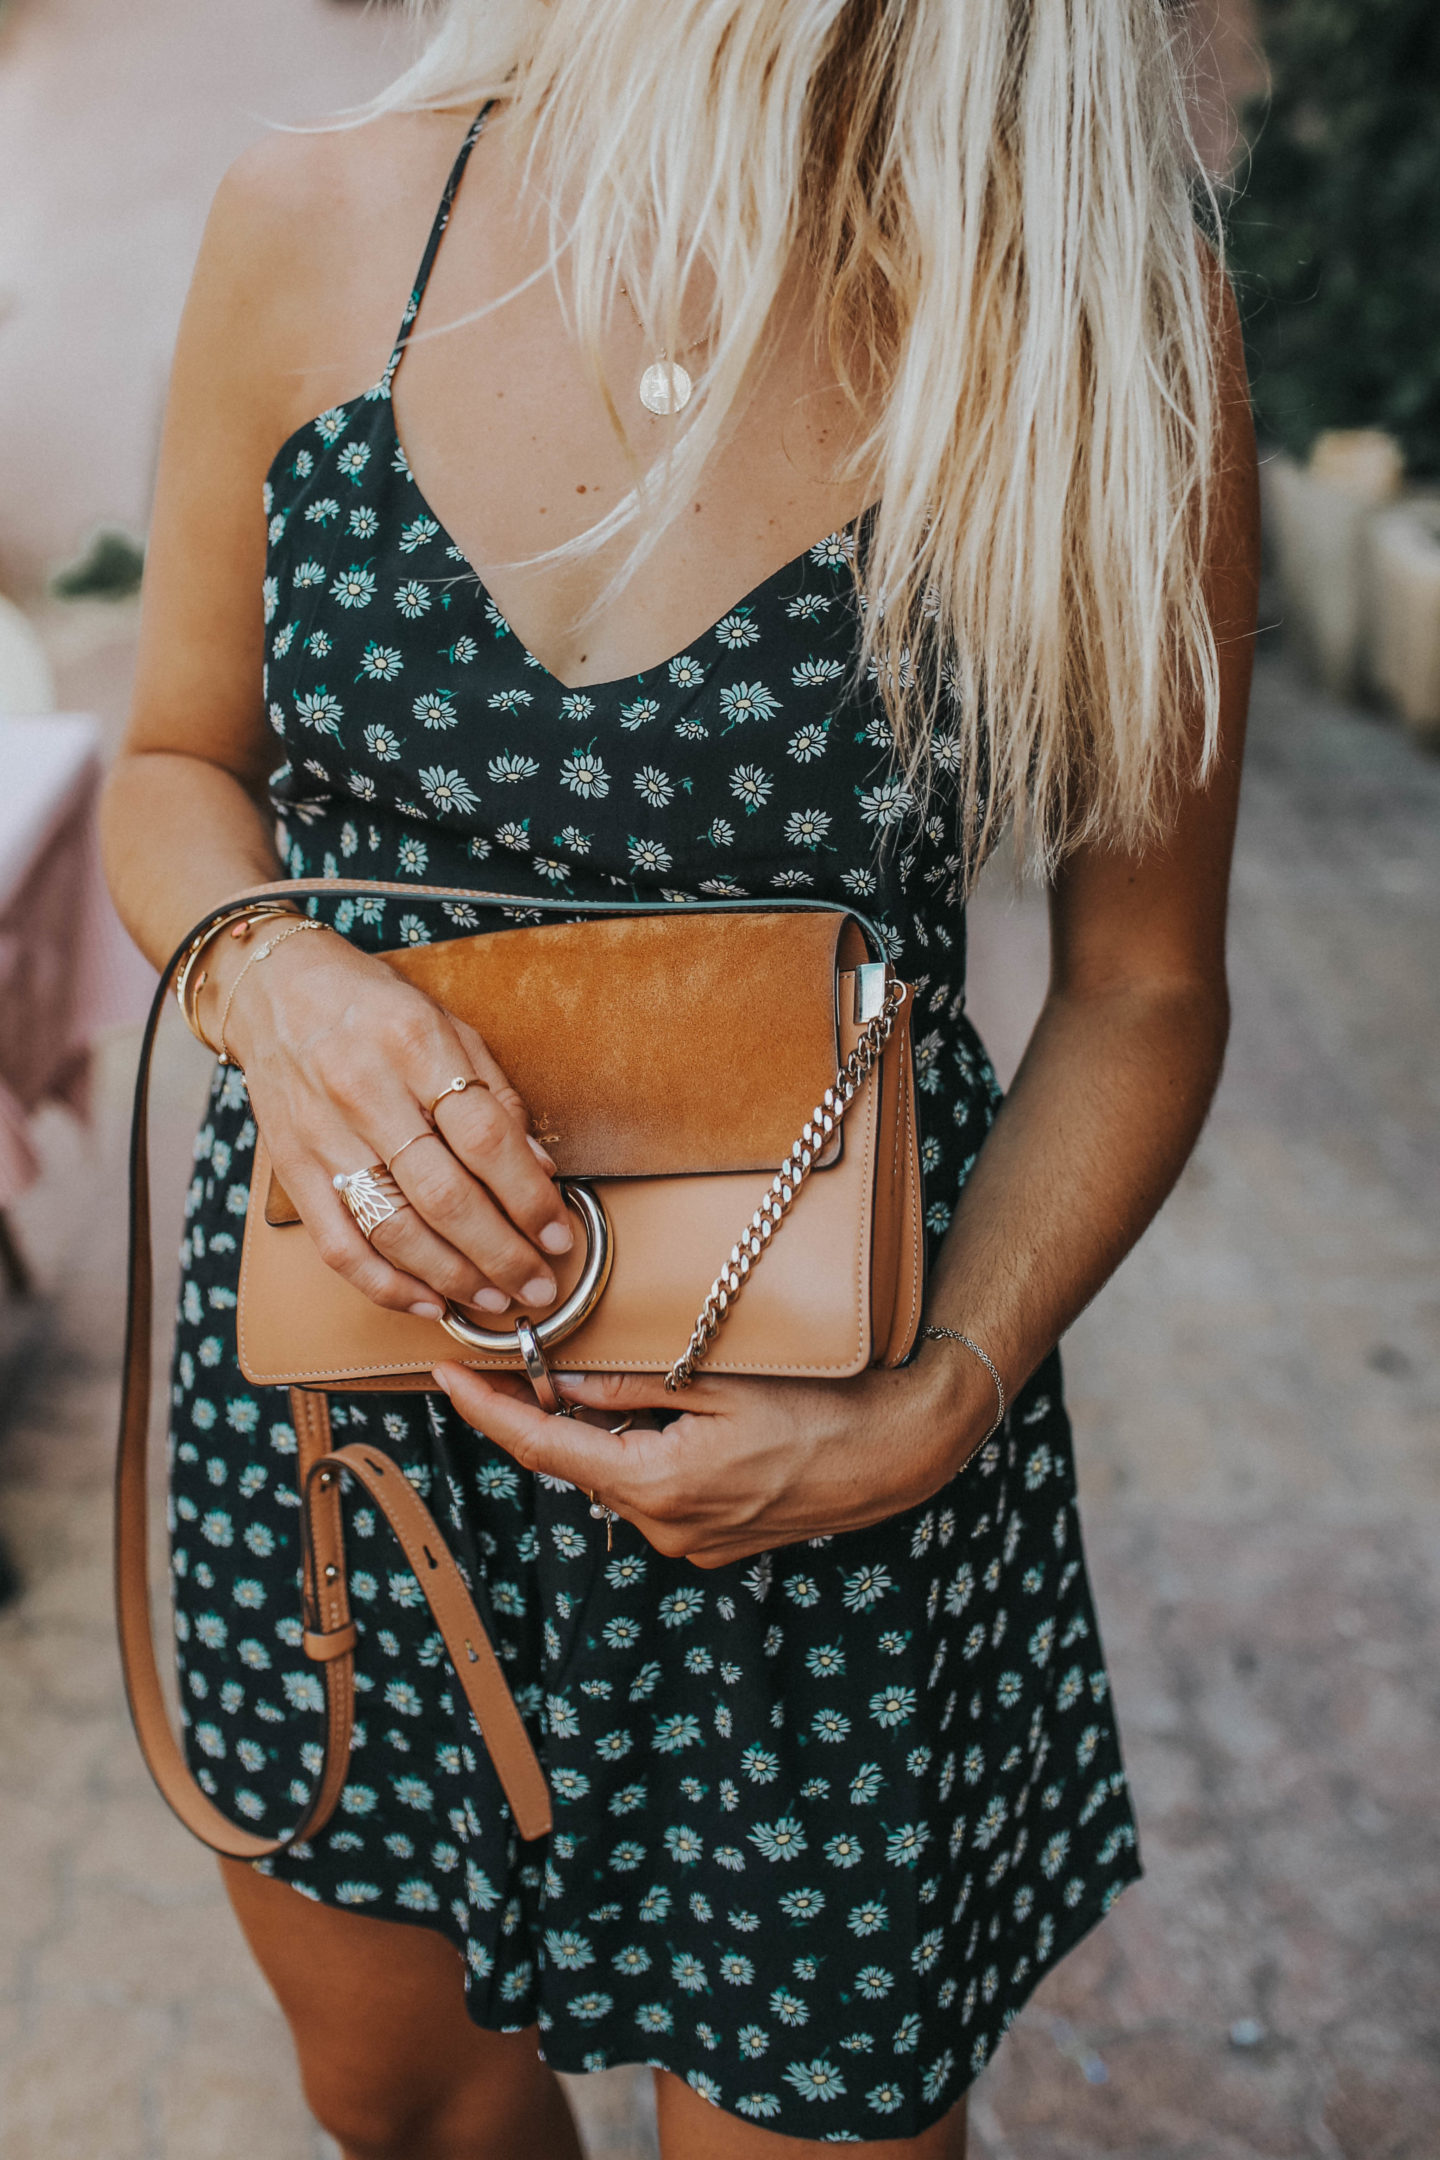 Bijoux Misaki - Blondie Baby blog mode et voyages